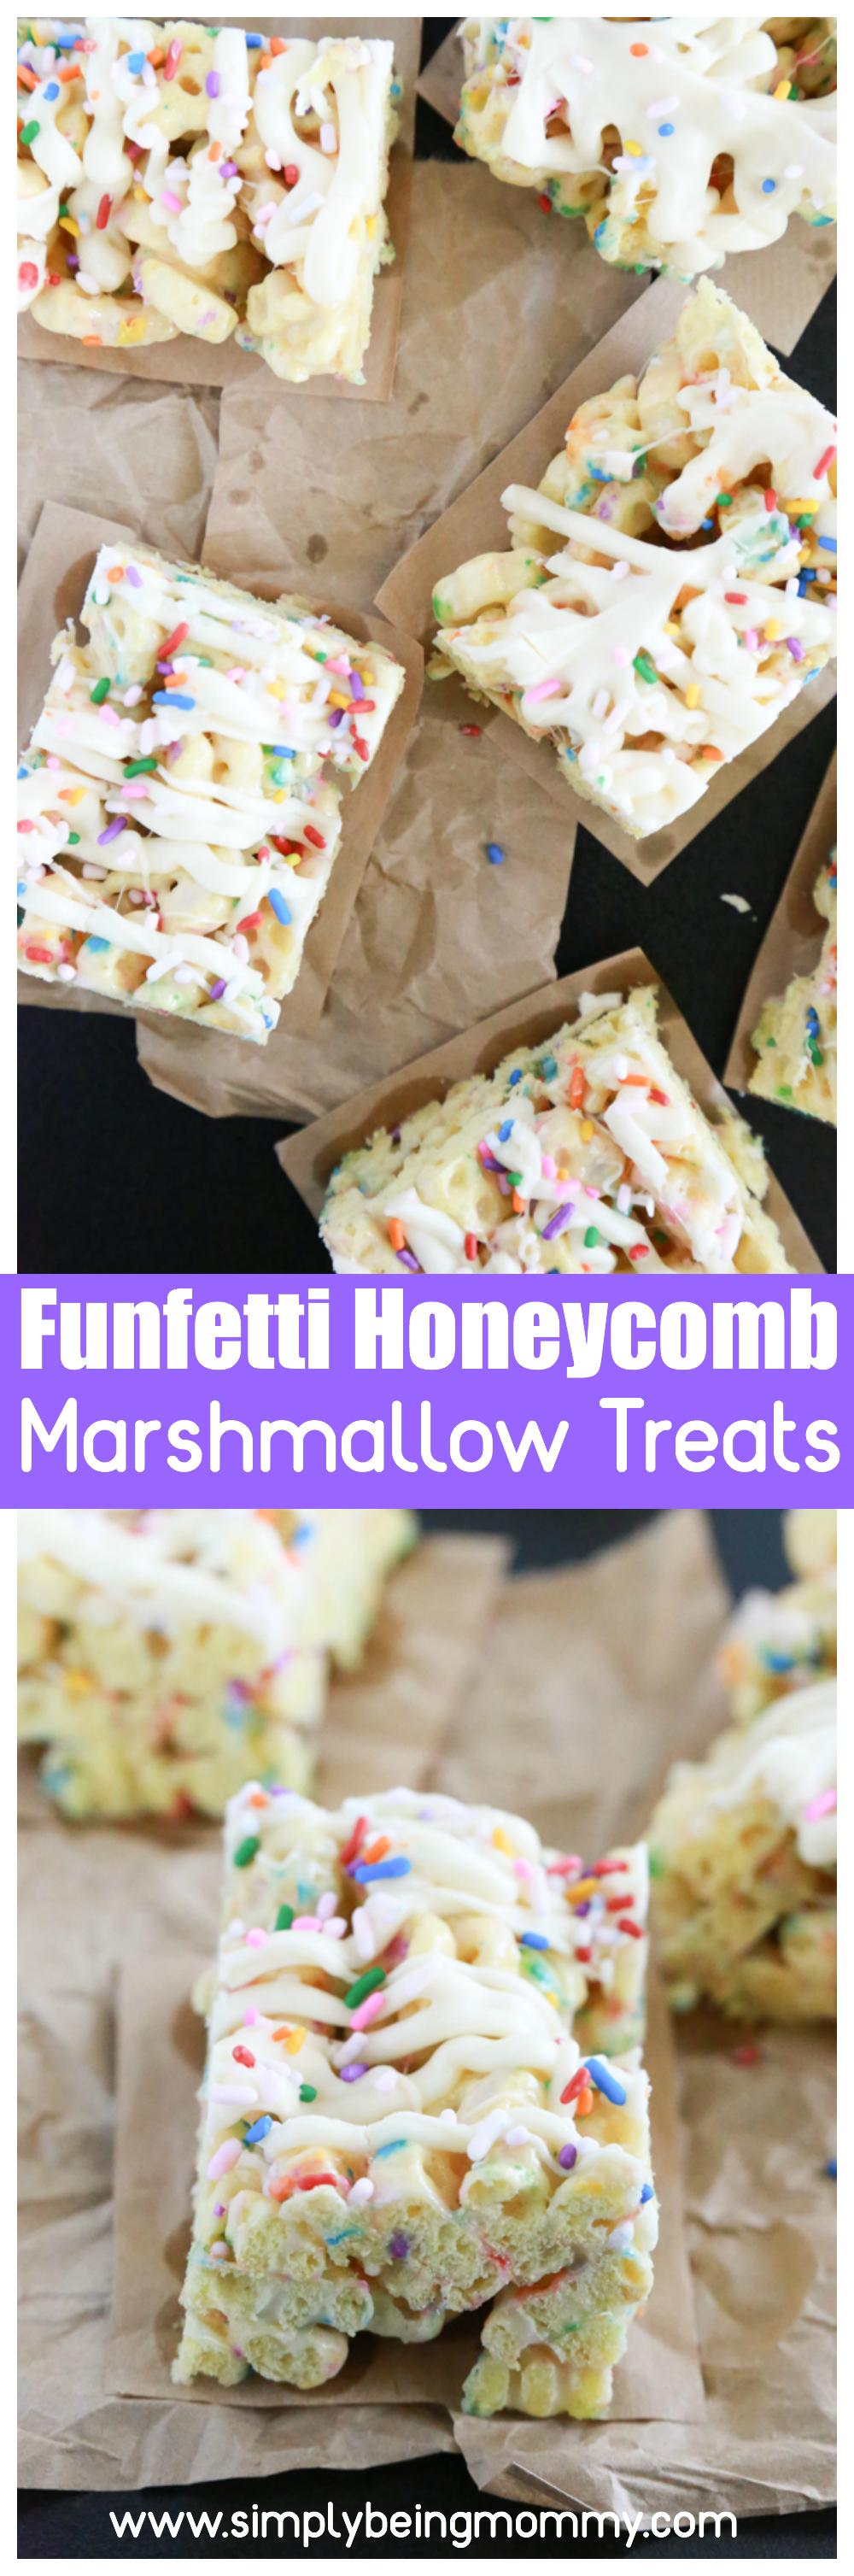 Funfetti Honeycomb Marshmallow Treats #marshmallowtreats